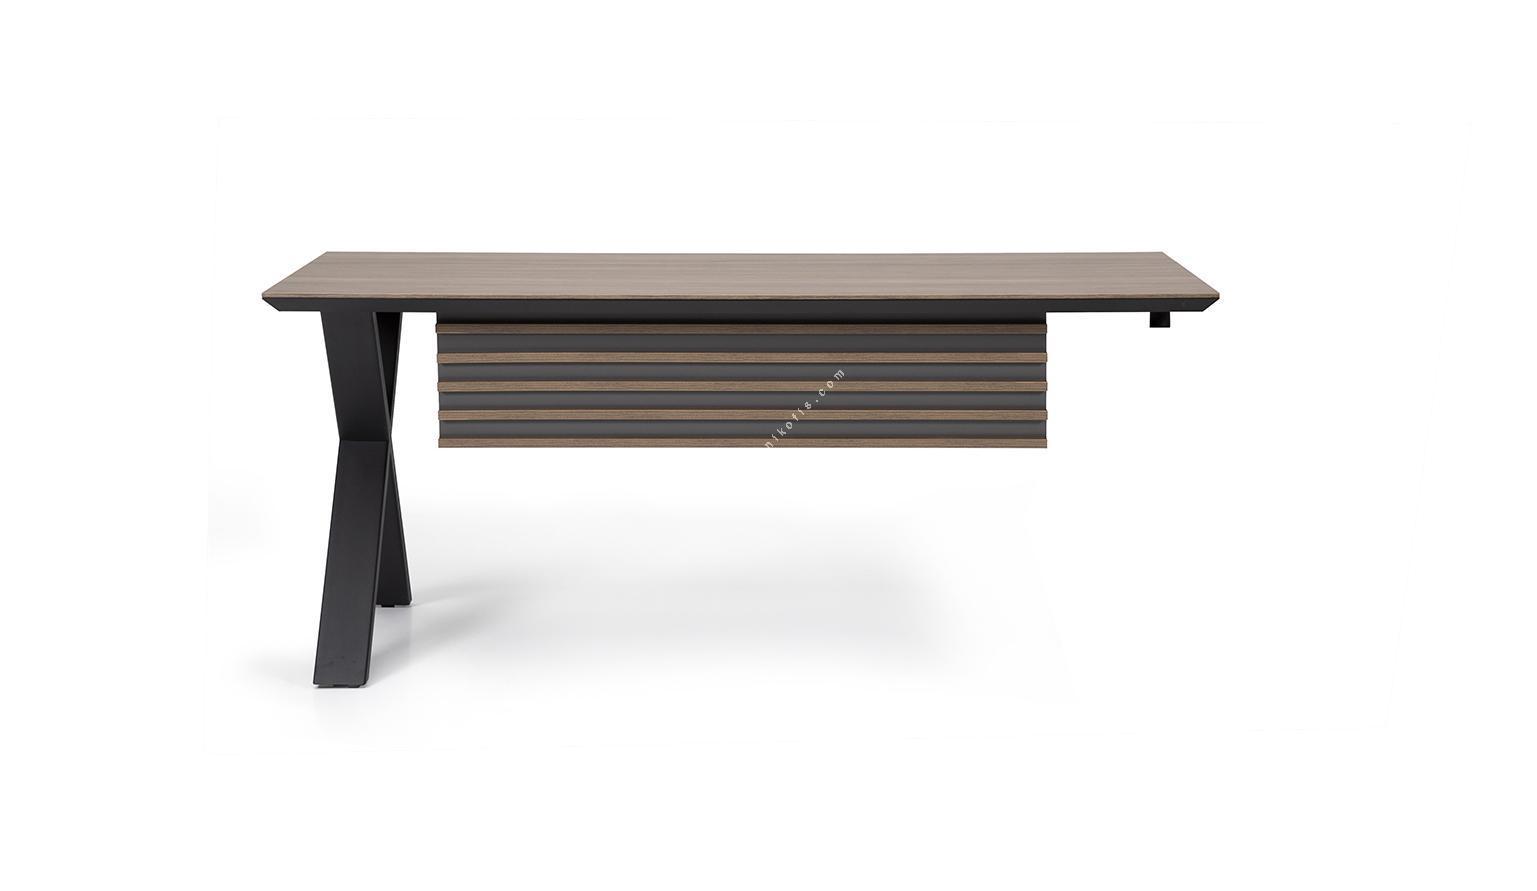 metavias etajerli yönetici masası 160cm